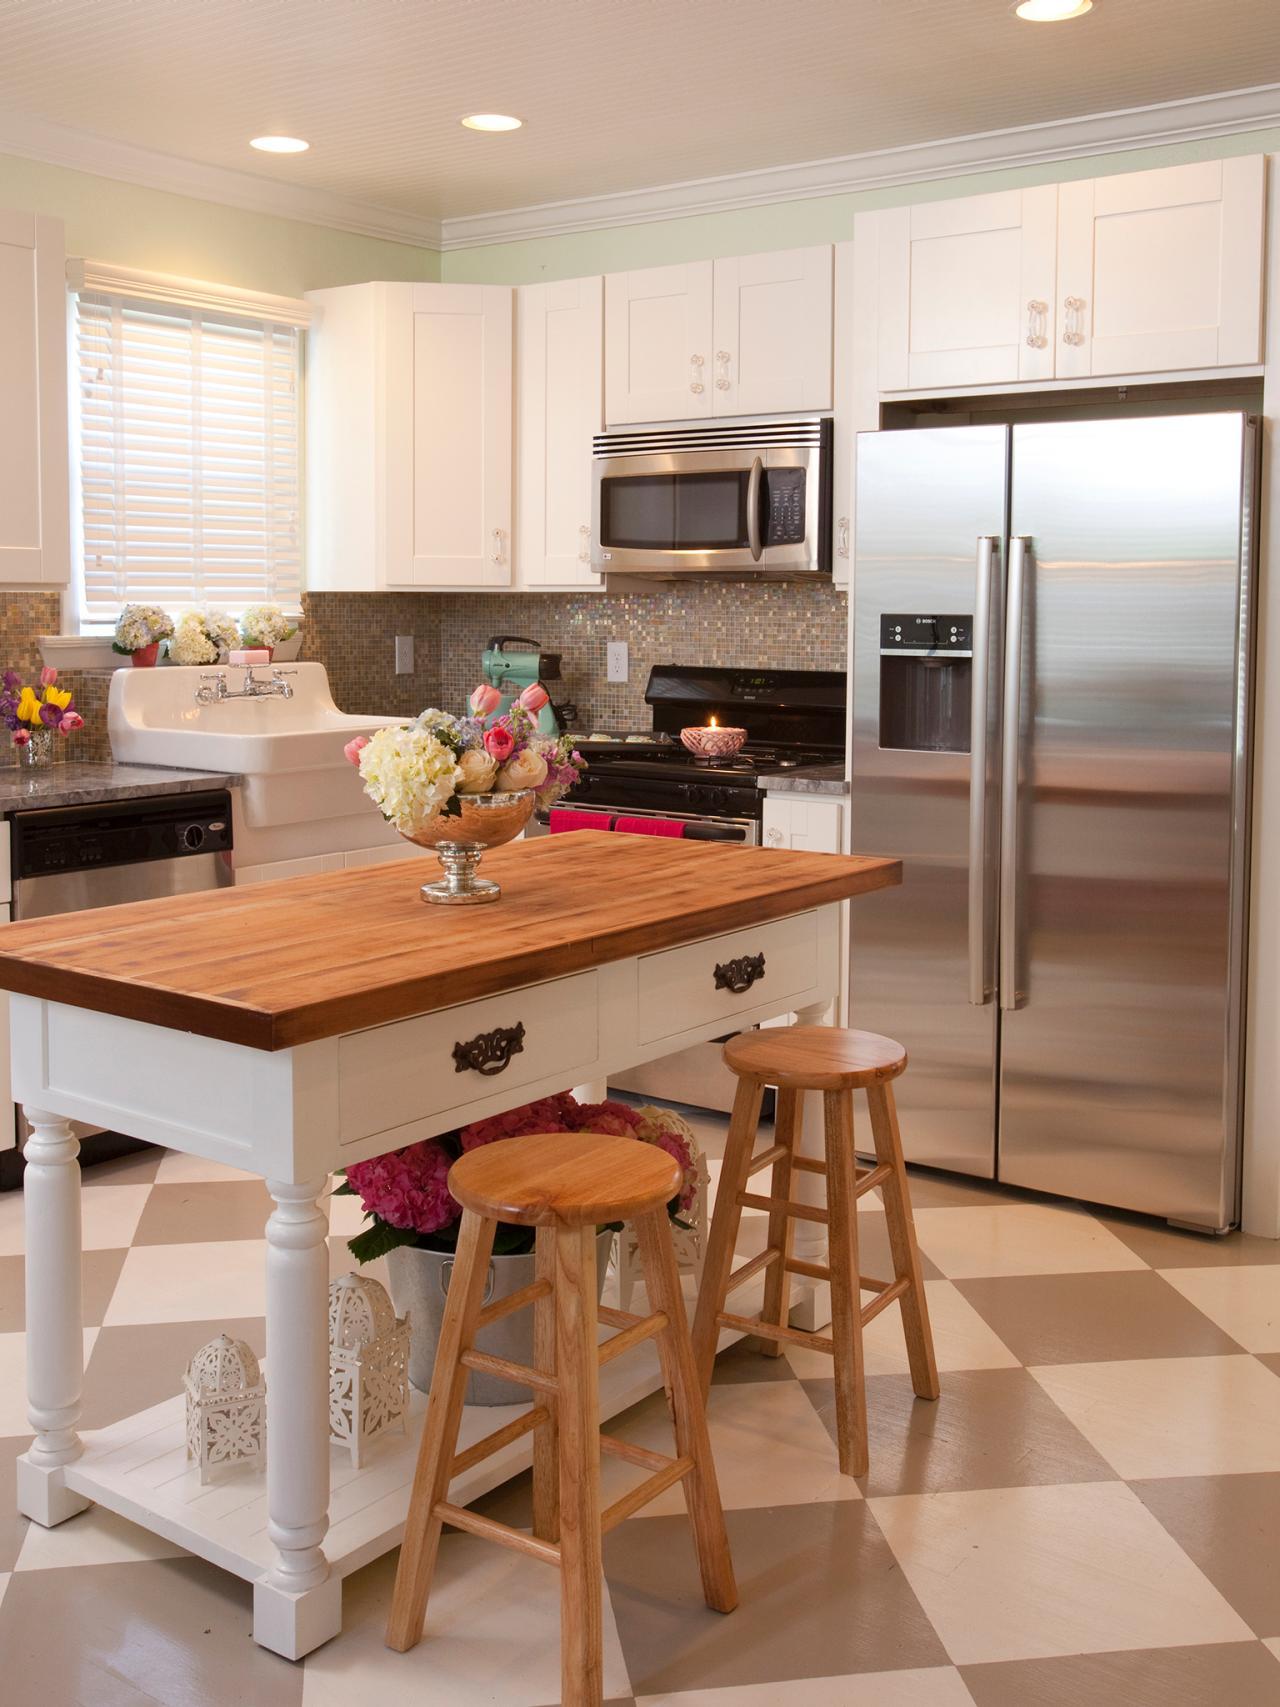 29 Desain Meja Dapur Minimalis Sederhana Terbaru 2020